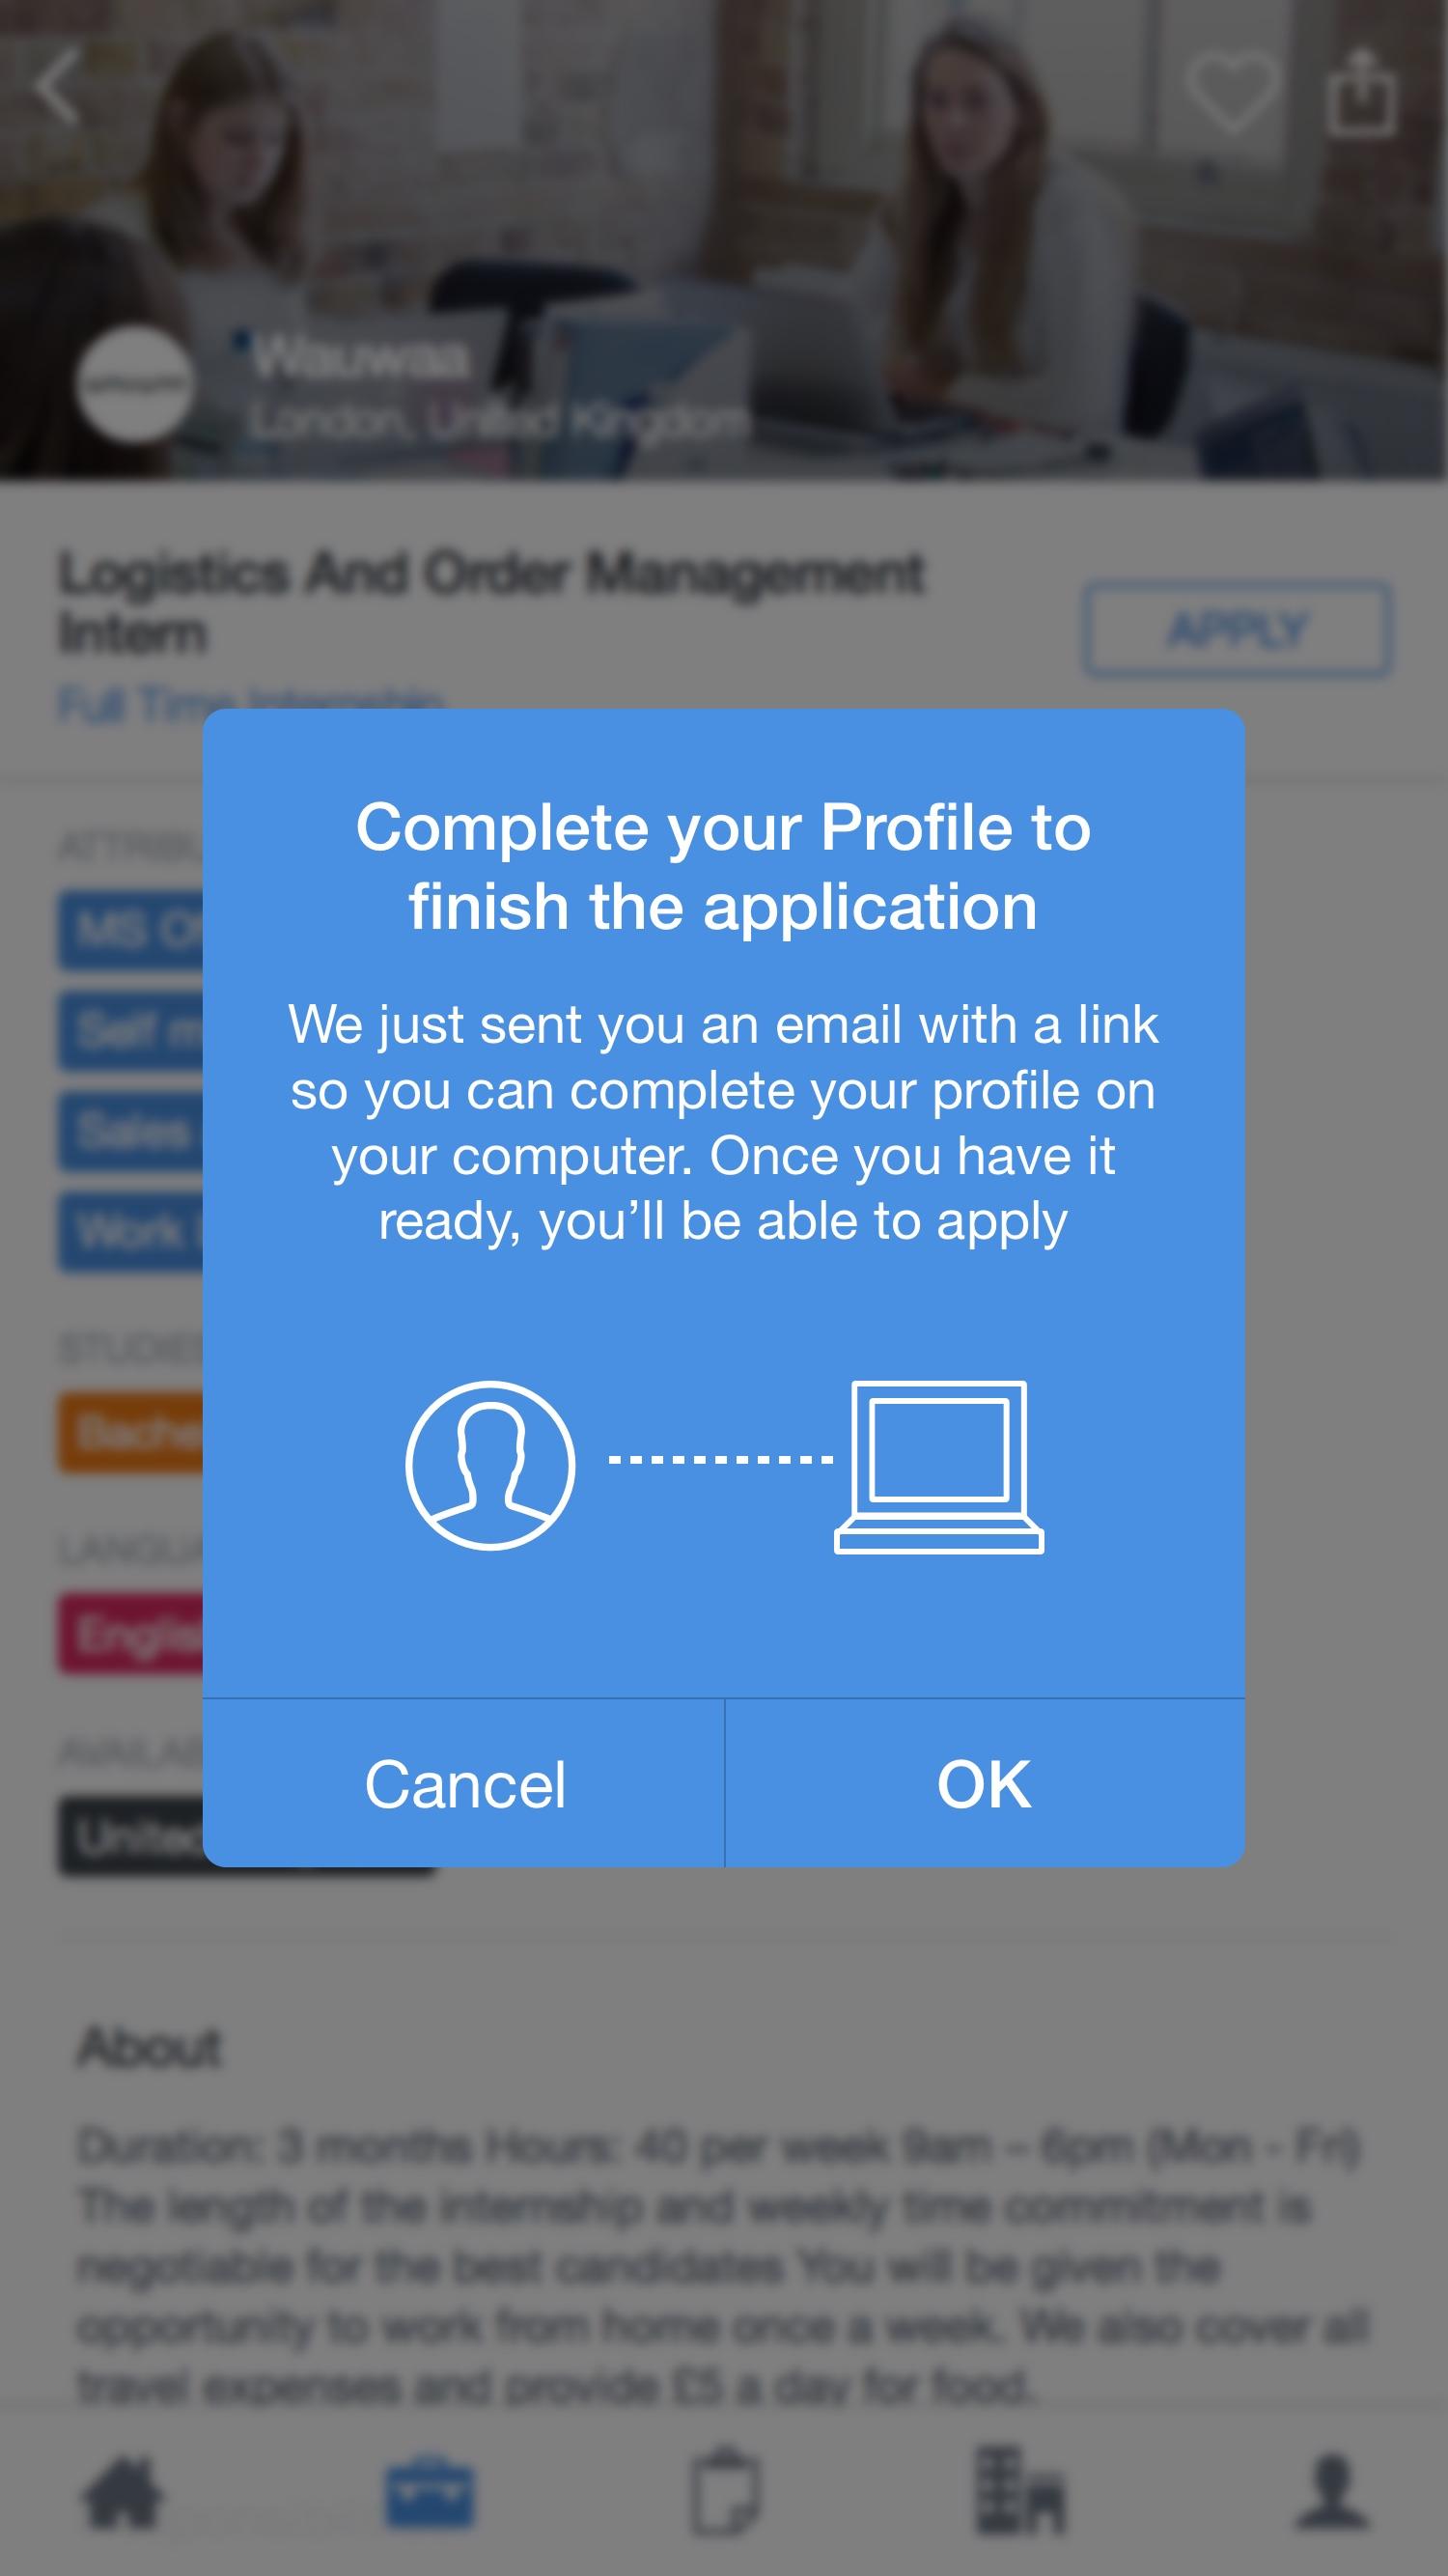 Complete profile – Blue